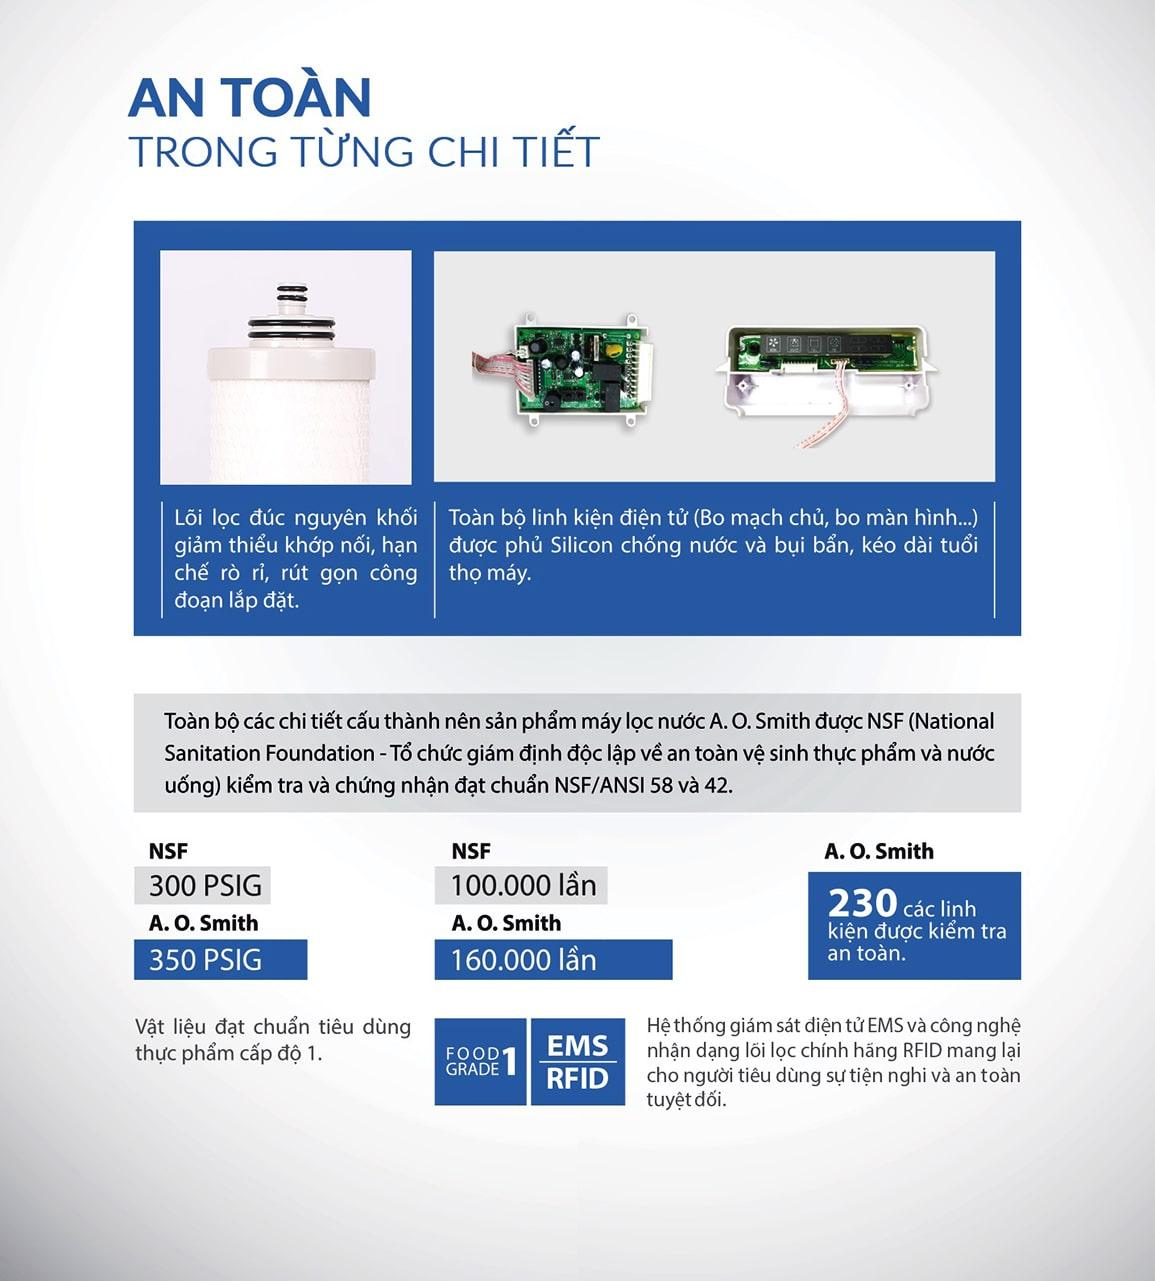 Máy lọc AoSmith R400E được cấu tạo bởi các chất liệu an toàn tuyệt đối